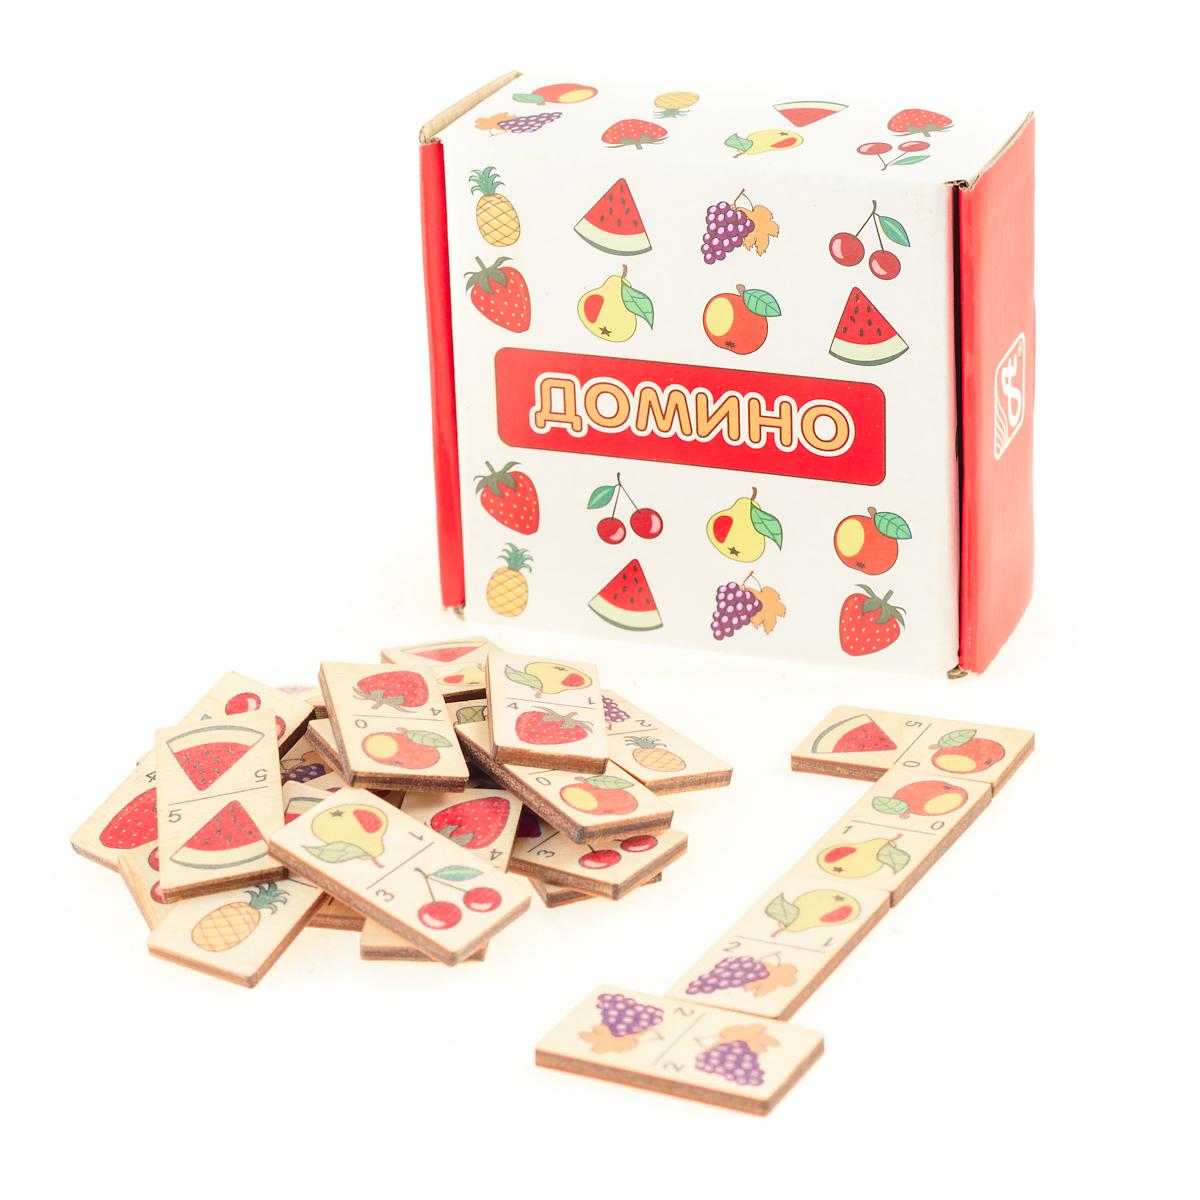 Развивающие деревянные игрушки Домино ФруктыД434аДомино для детей — игрушка, необходимая каждому ребёнку. Играя, малыш развивает целый спектр навыков: моторику, логику, воображение, а также изучает окружающий мир, счёт, арифметику и цвета. Рисунки на каждой фишке — яркие и понятные. В домино можно играть не только дома, но и эффективно использовать для занятий в детском саду. ВНИМАНИЕ! Детали игрушки выполнены из натурального дерева (деревоматериала) без покрытия лаками или другими химическими составами. Перед использованием удалите остатки древесины и древесную пыль, тщательно протерев детали игрушки мягкой тканью!